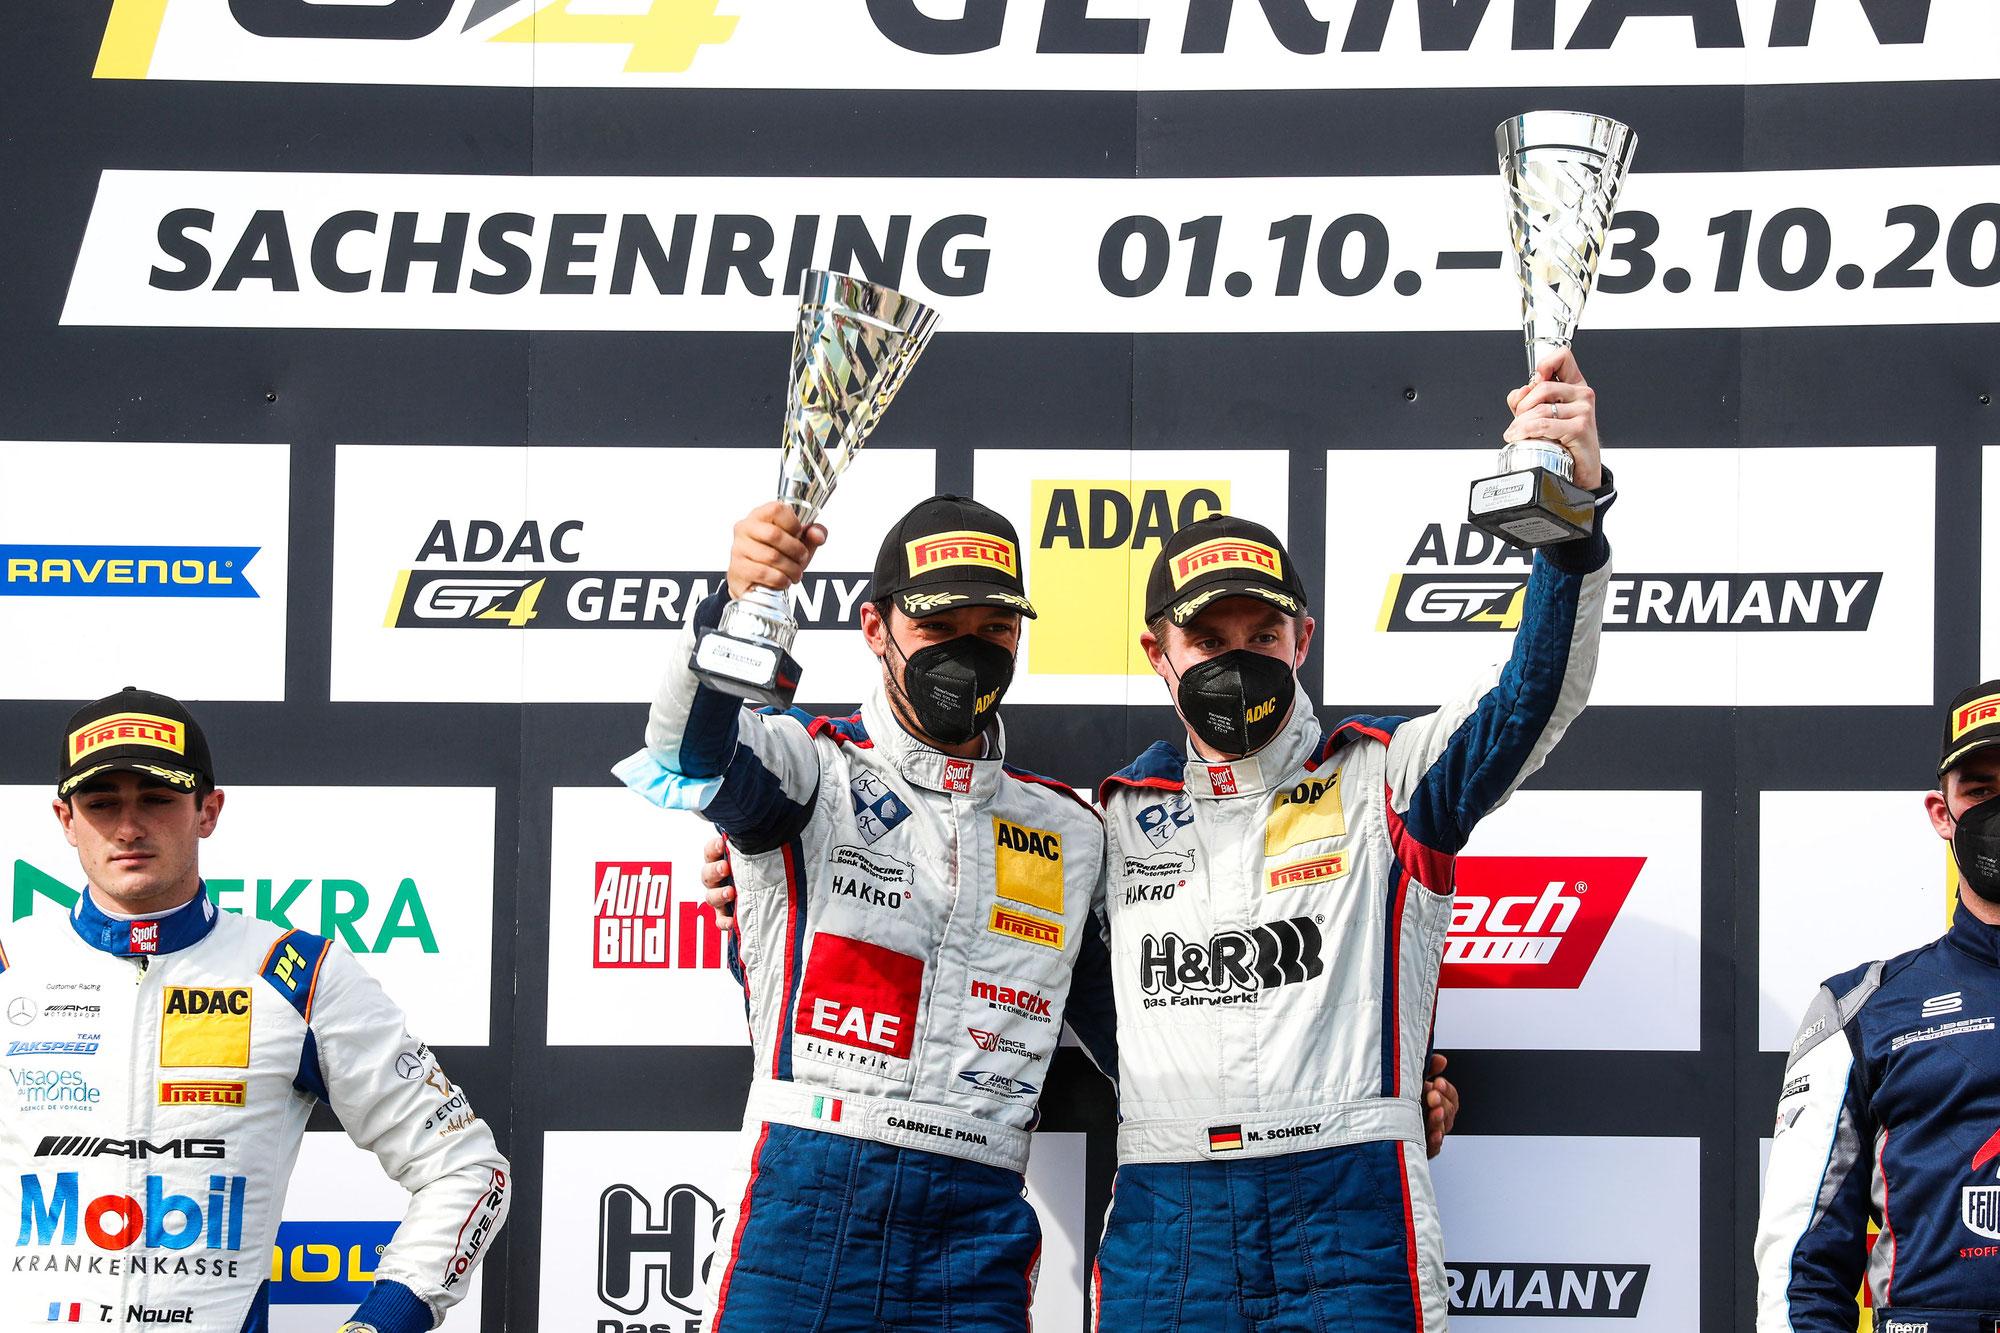 BMW-Duo Schrey/Piana baut mit fünften Saisonsieg Tabellenführung aus